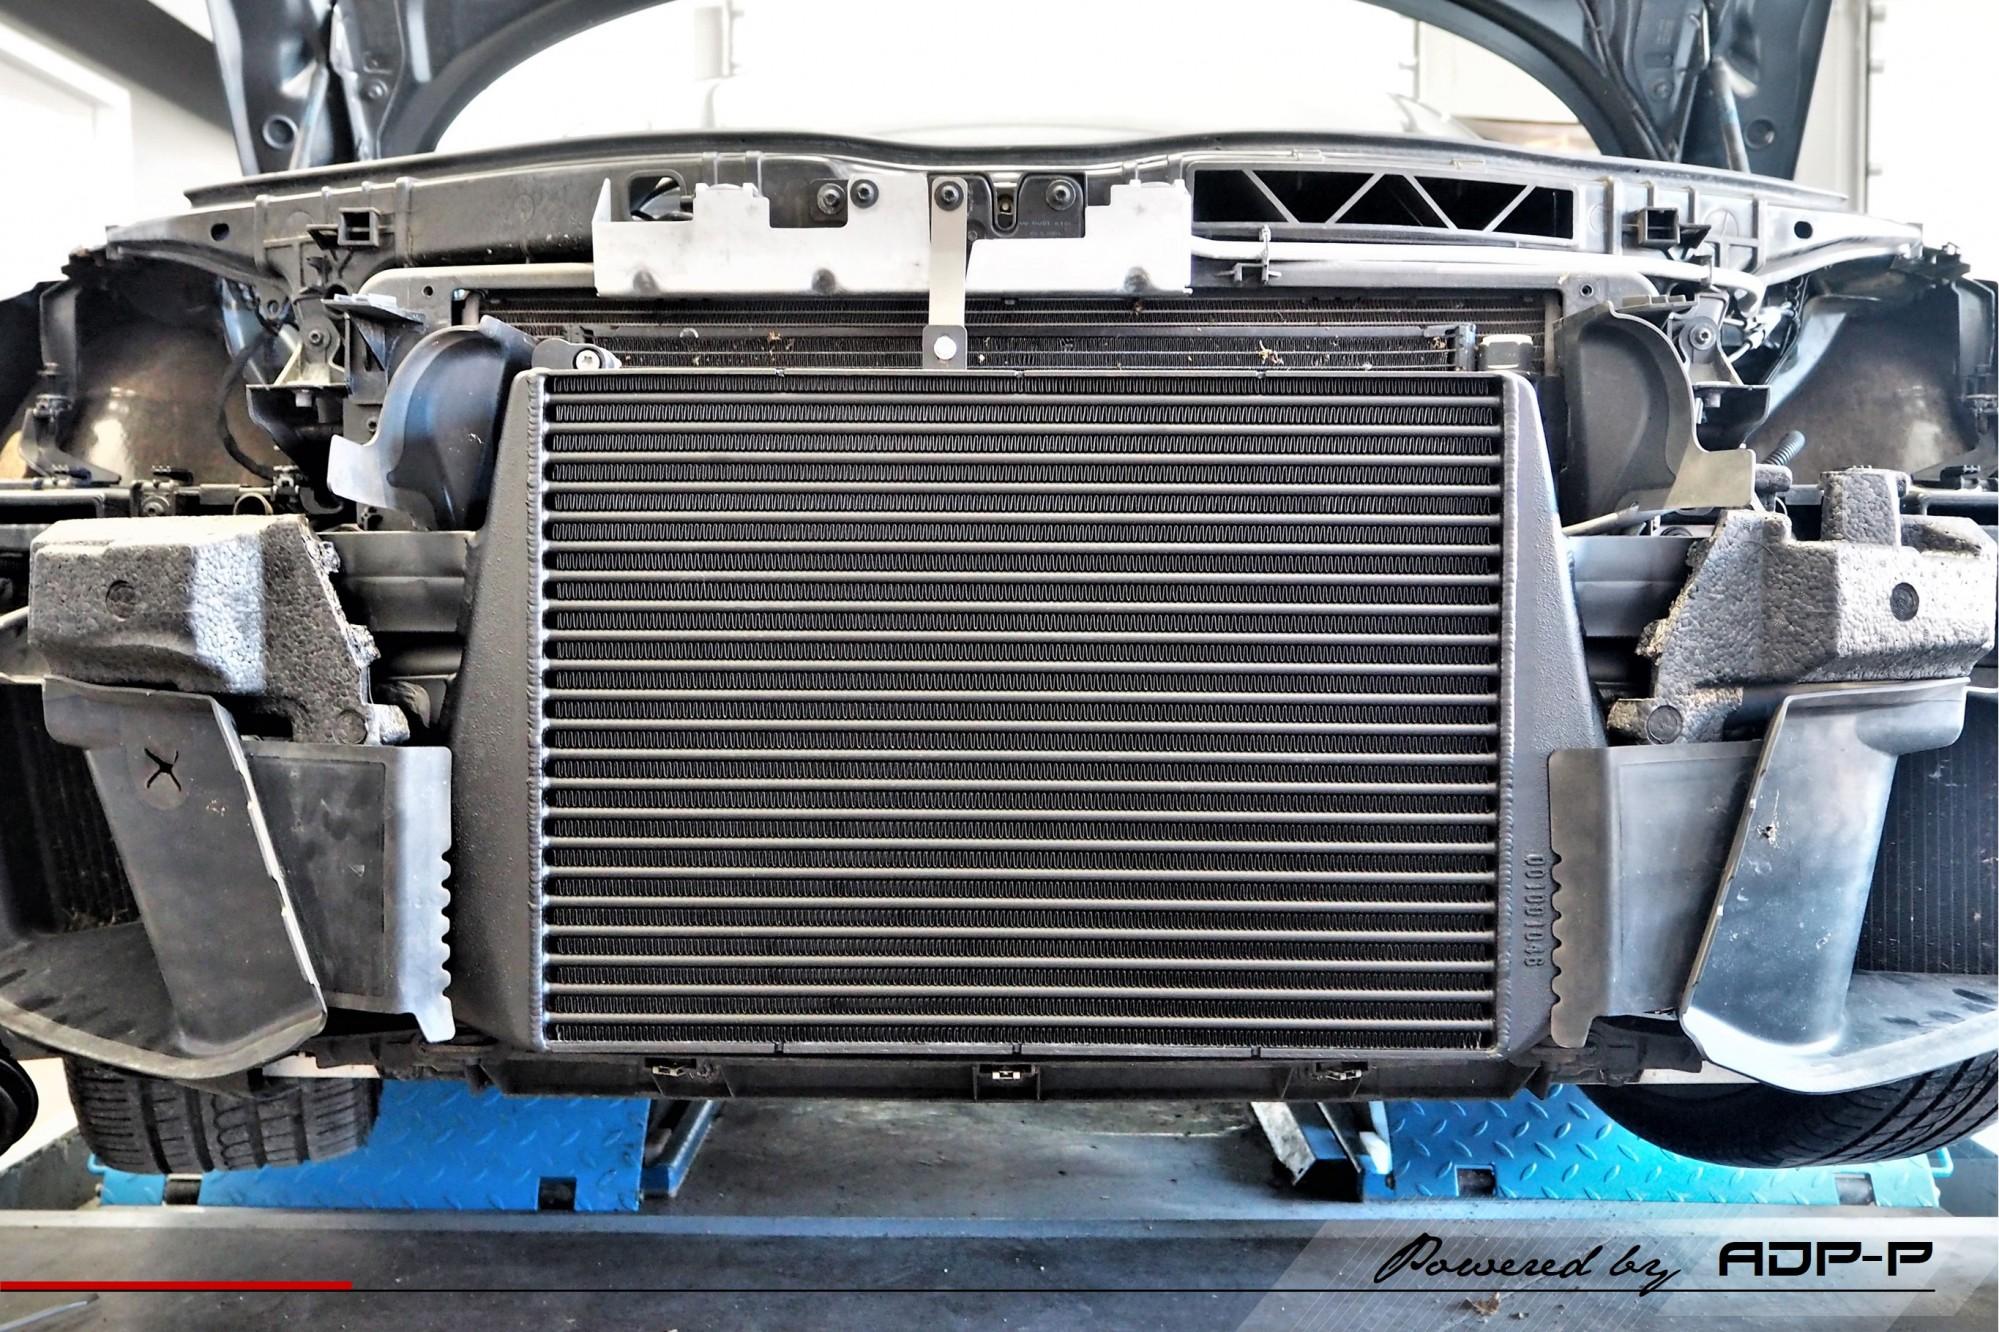 Echangeur Wagner Montpellier - Audi TT RS (8J) 2.5 TFSI 340cv - ADP Performance